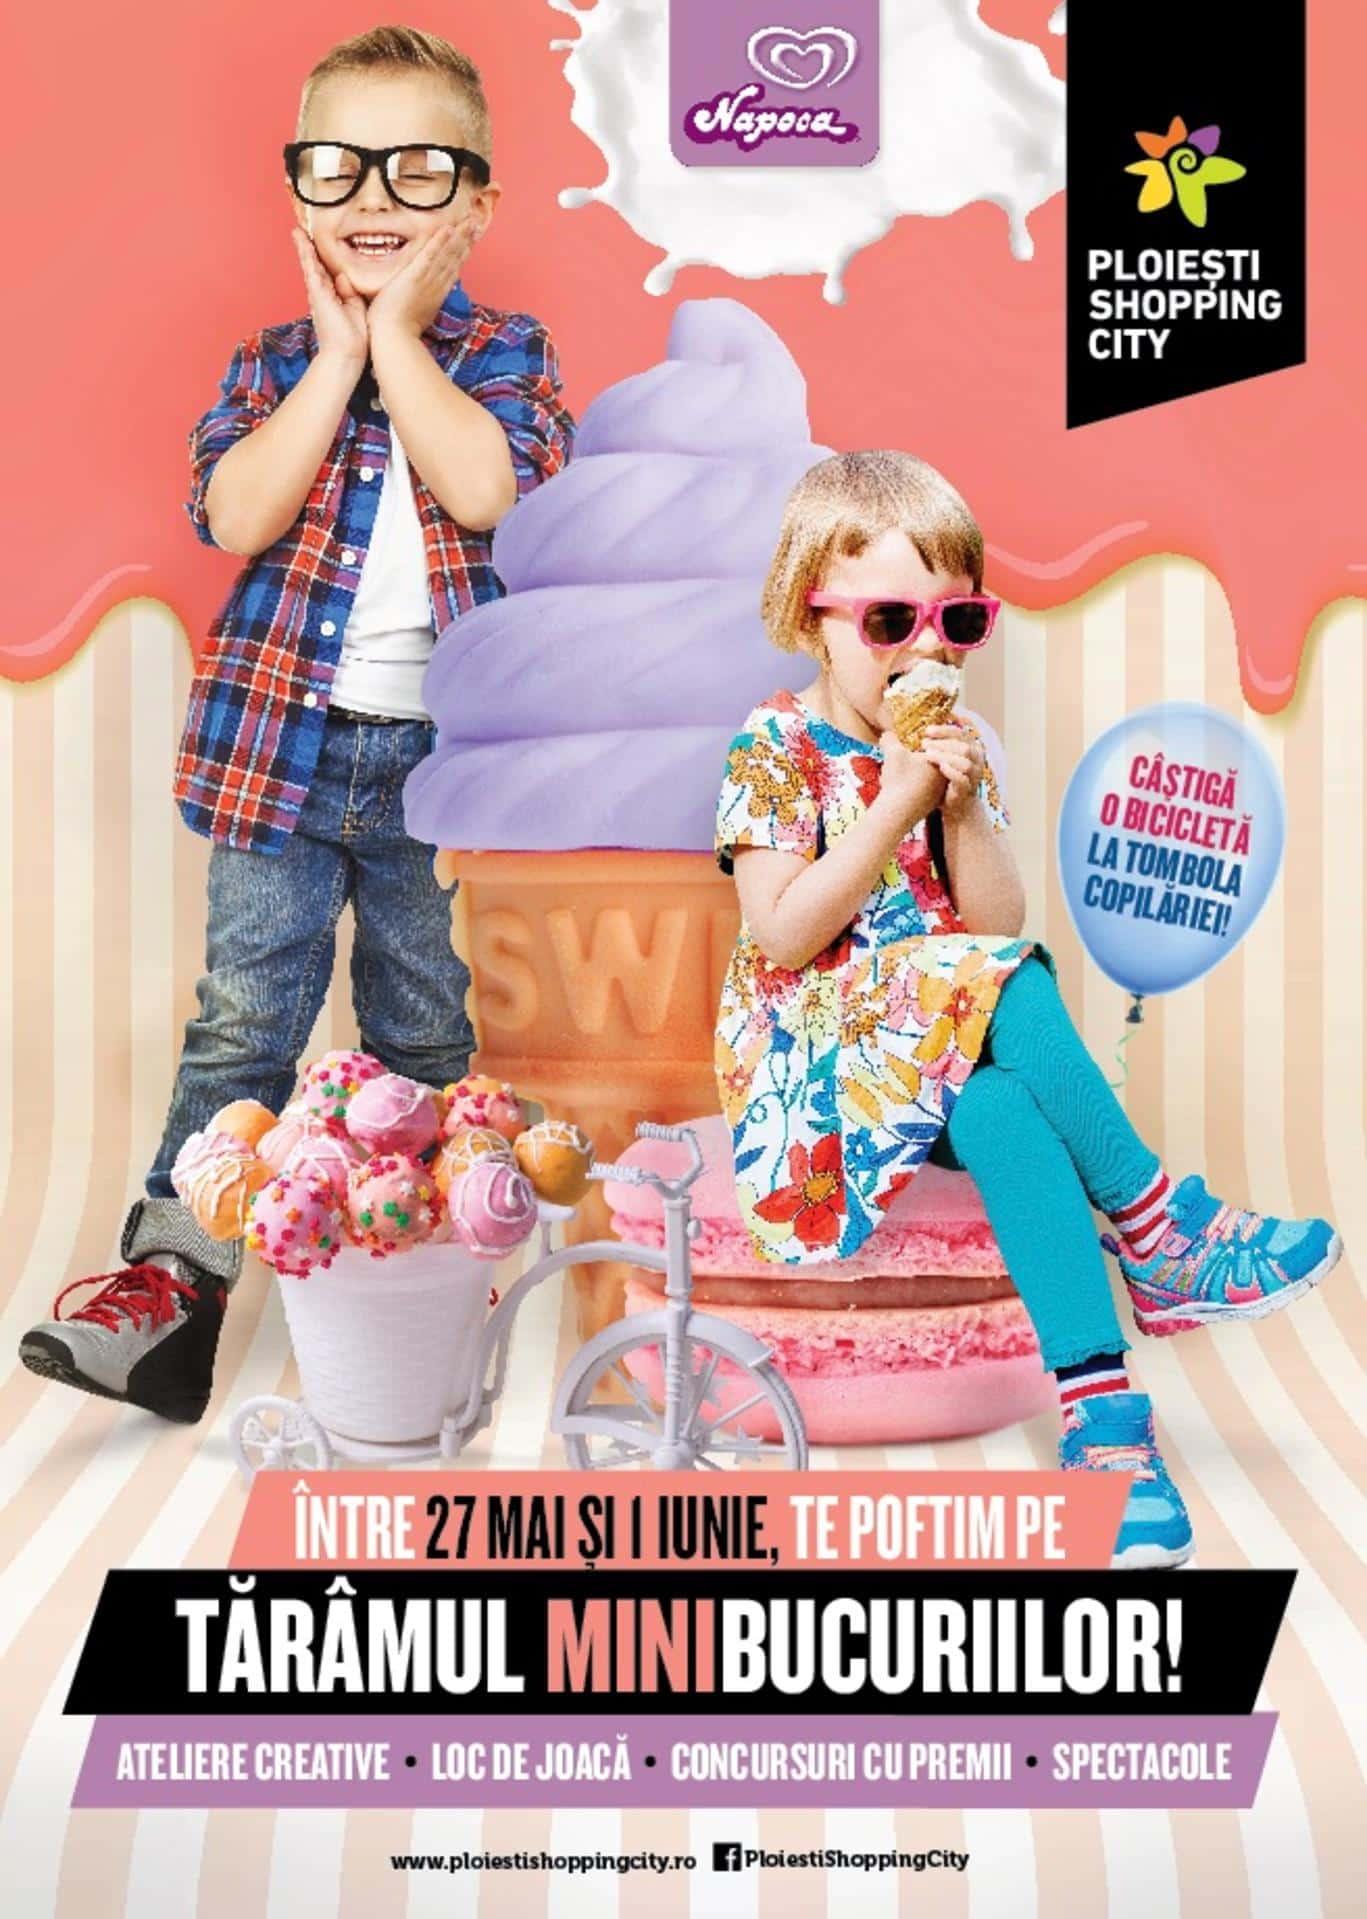 Șase zile de distracție pentru cei mici pe Tărâmul Minibucuriilor la Ploiești Shopping City